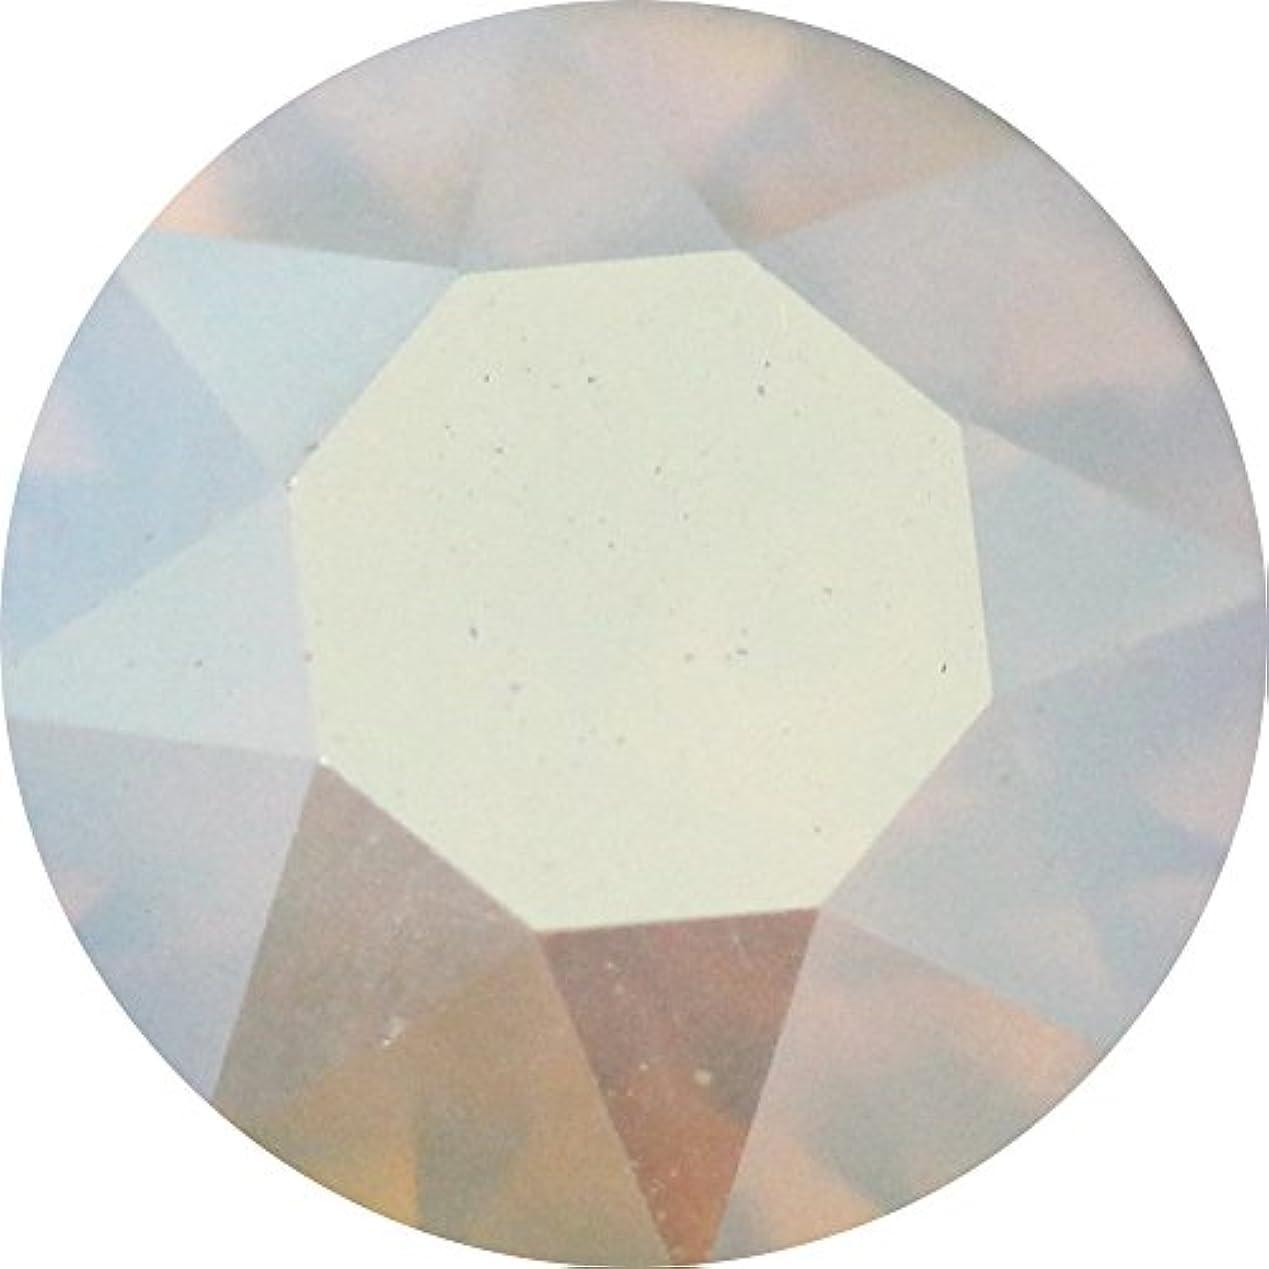 光沢ランタン証明書SWAROVSKI ELEMENTS VカットSS29 ホワイトオパールシマー4P